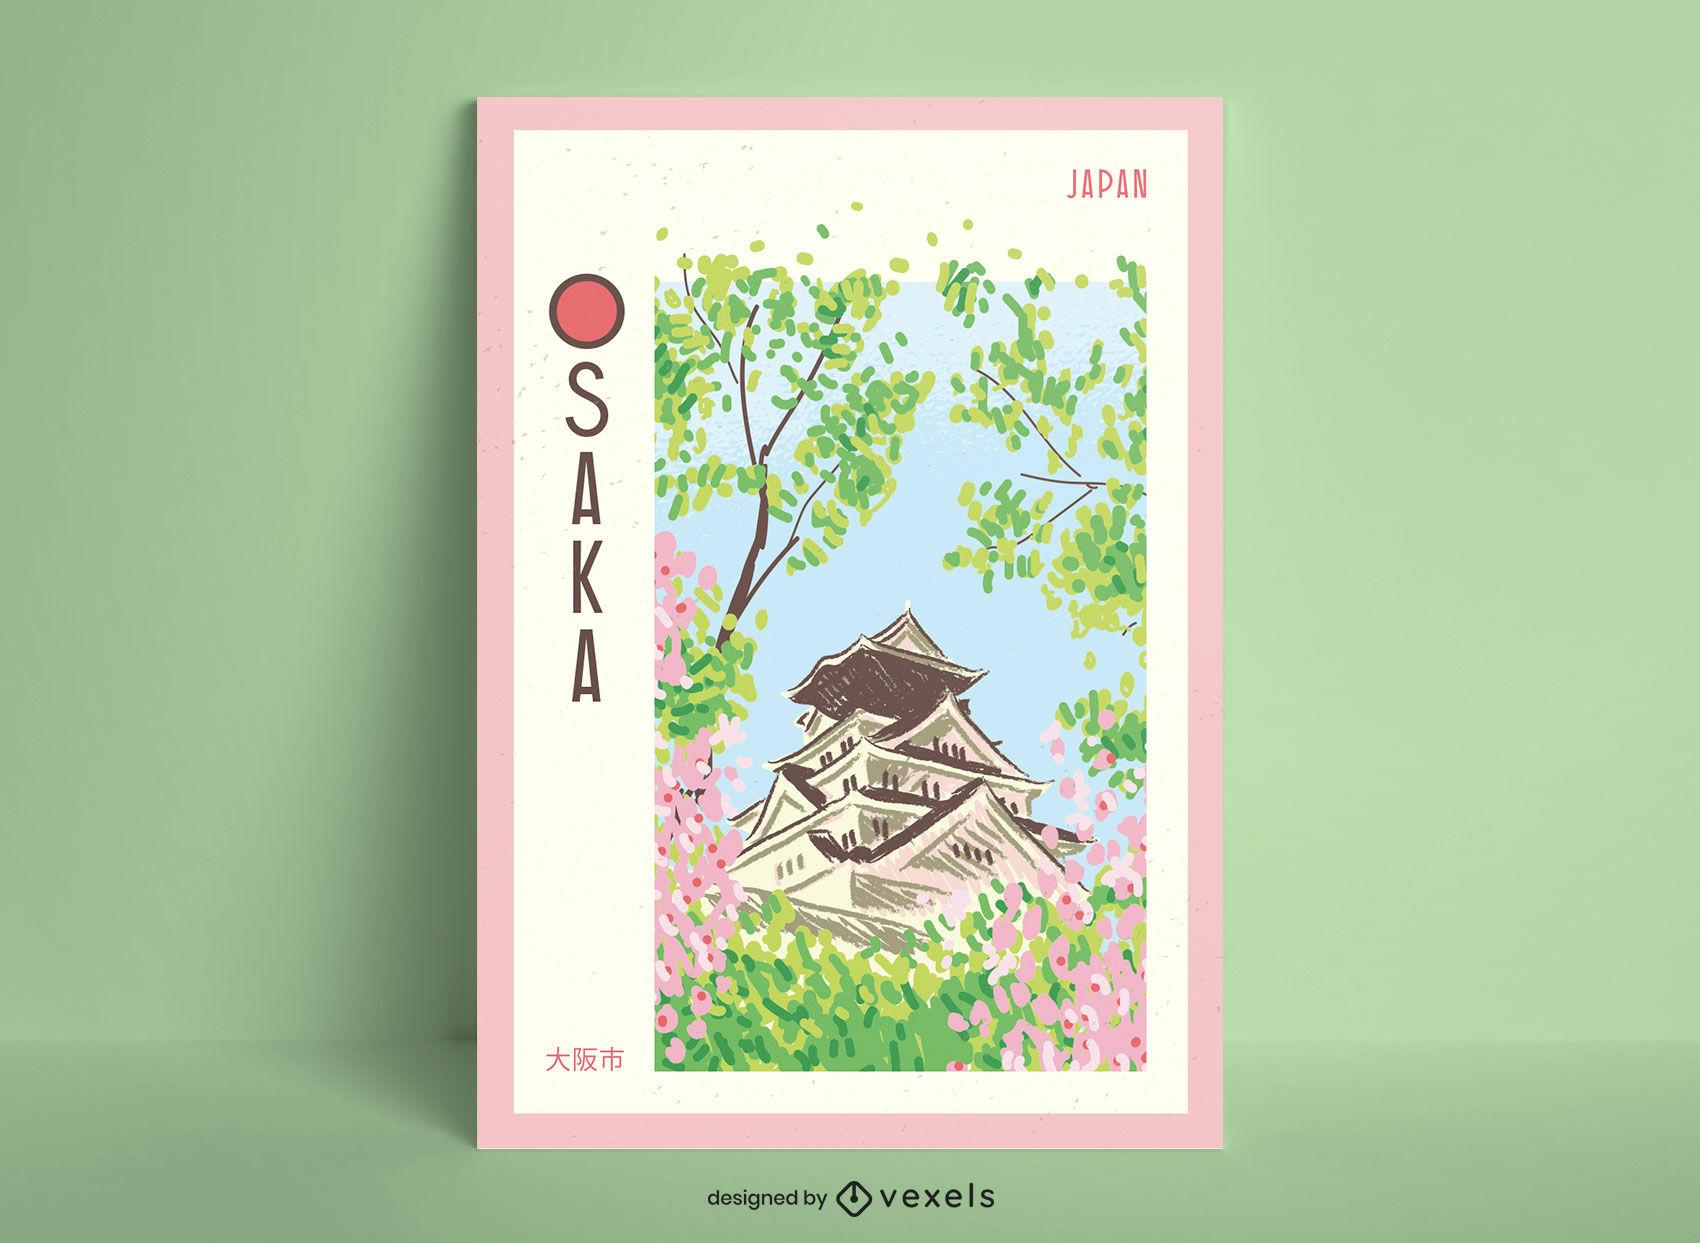 Cartaz desenhado à mão para cidade de Osaka